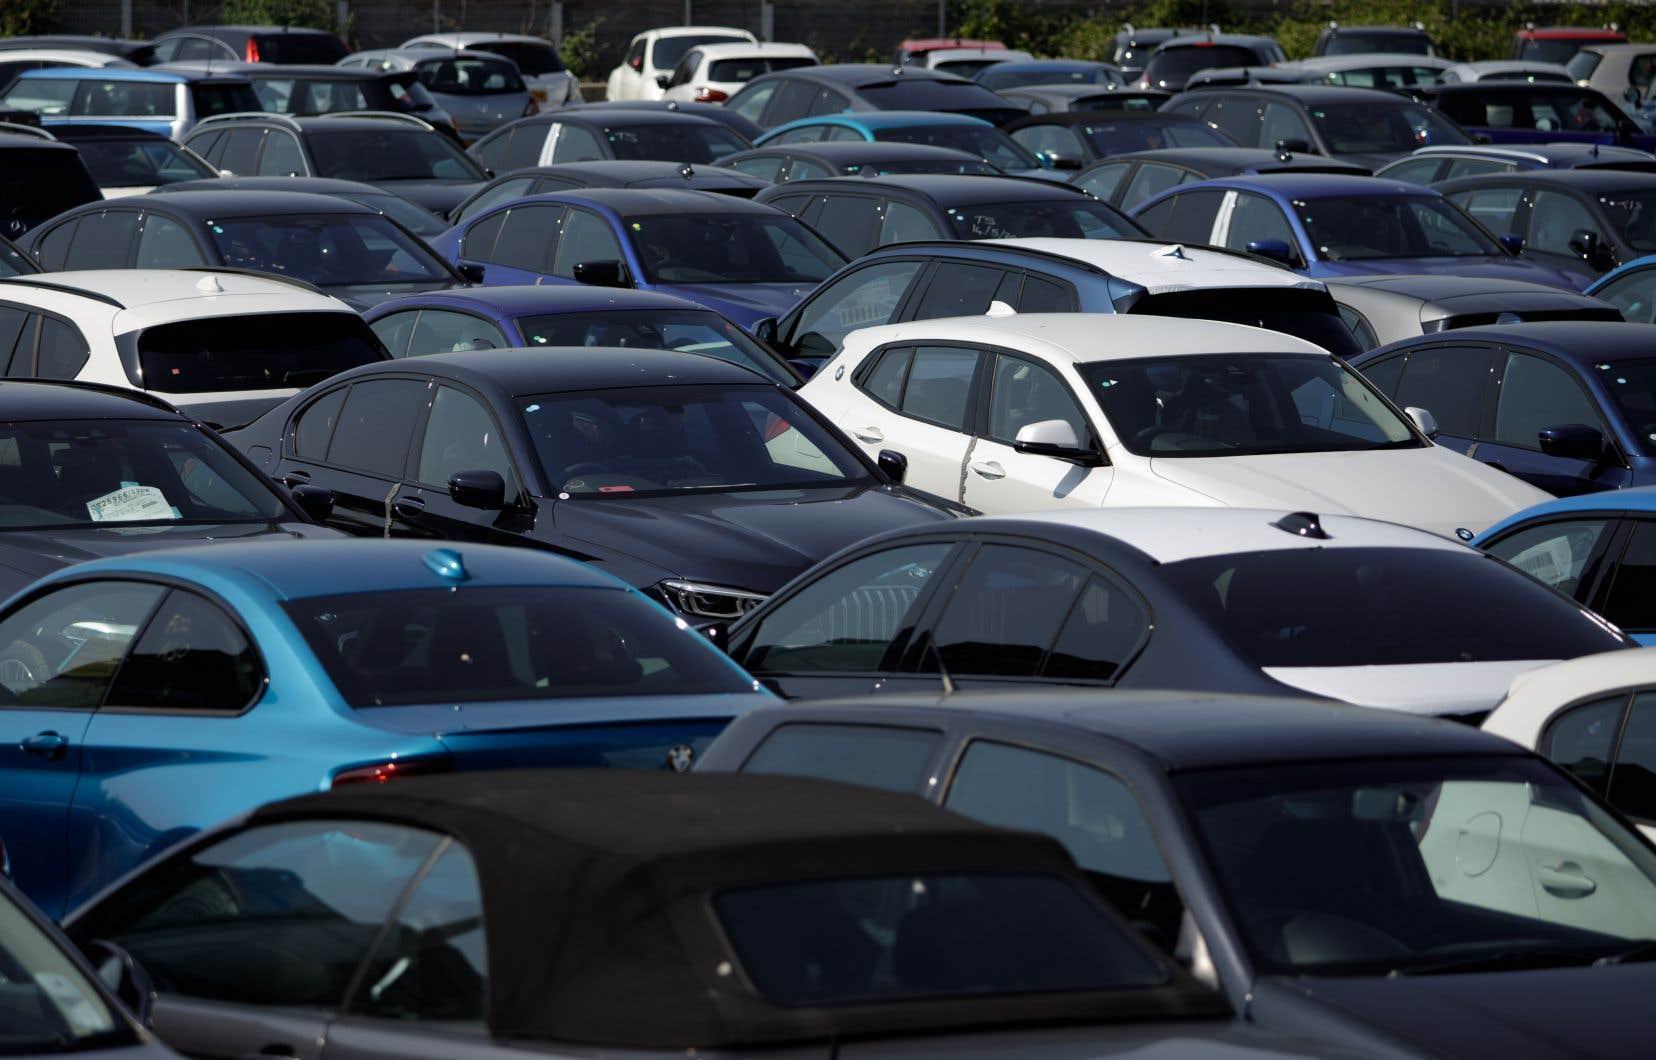 Les ventes des concessionnaires de véhicules et de pièces automobiles ont connu une légère baisse de 0,1% en août, selon Statistique Canada.